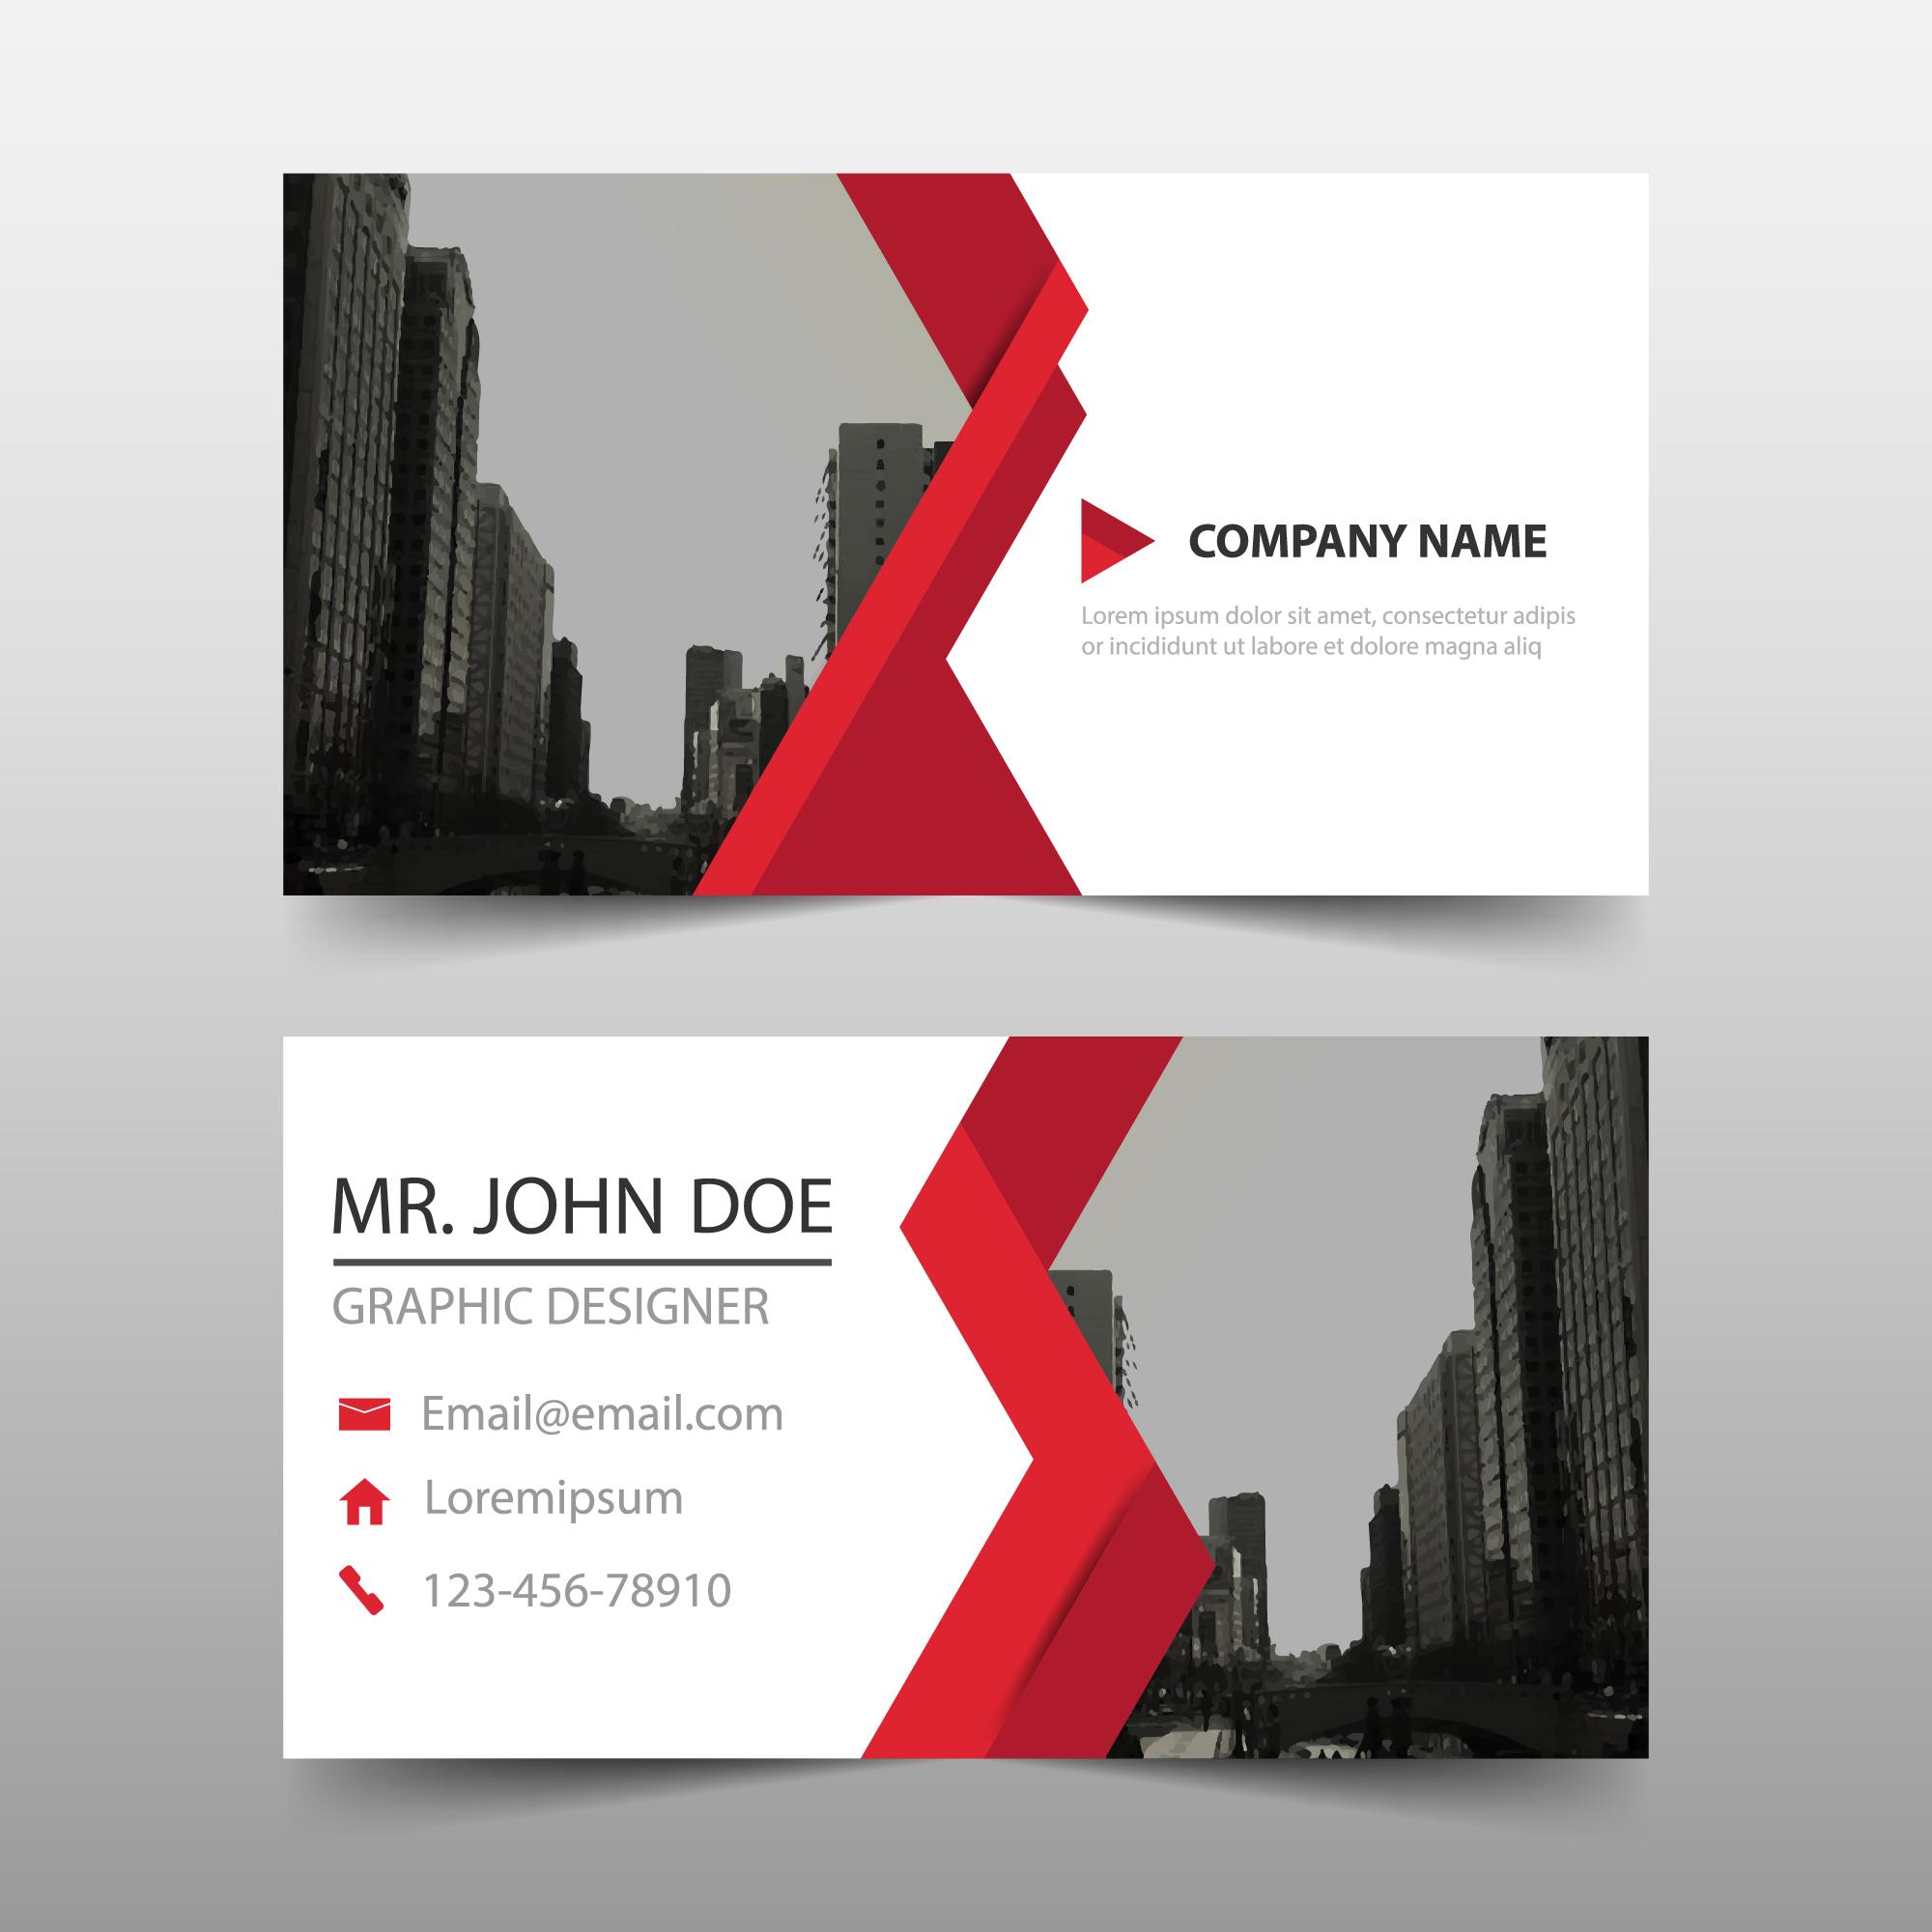 business card - modern